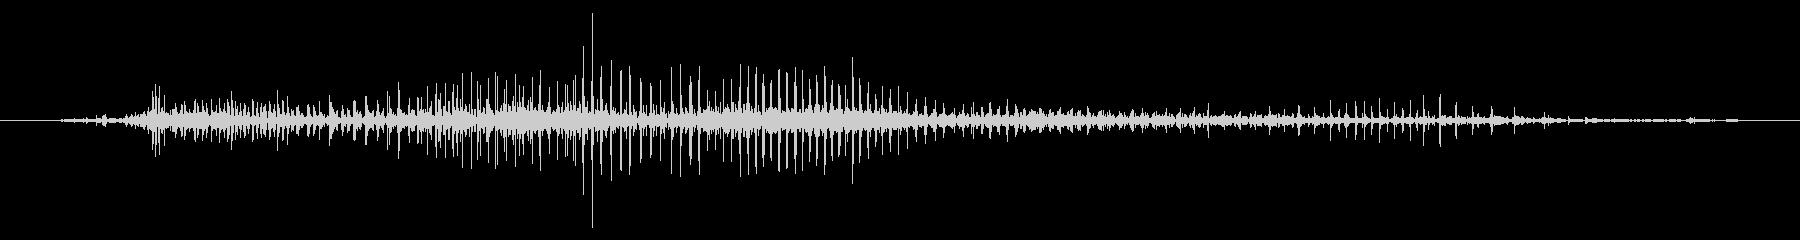 ジップダウン、スロー、ジッパーの未再生の波形